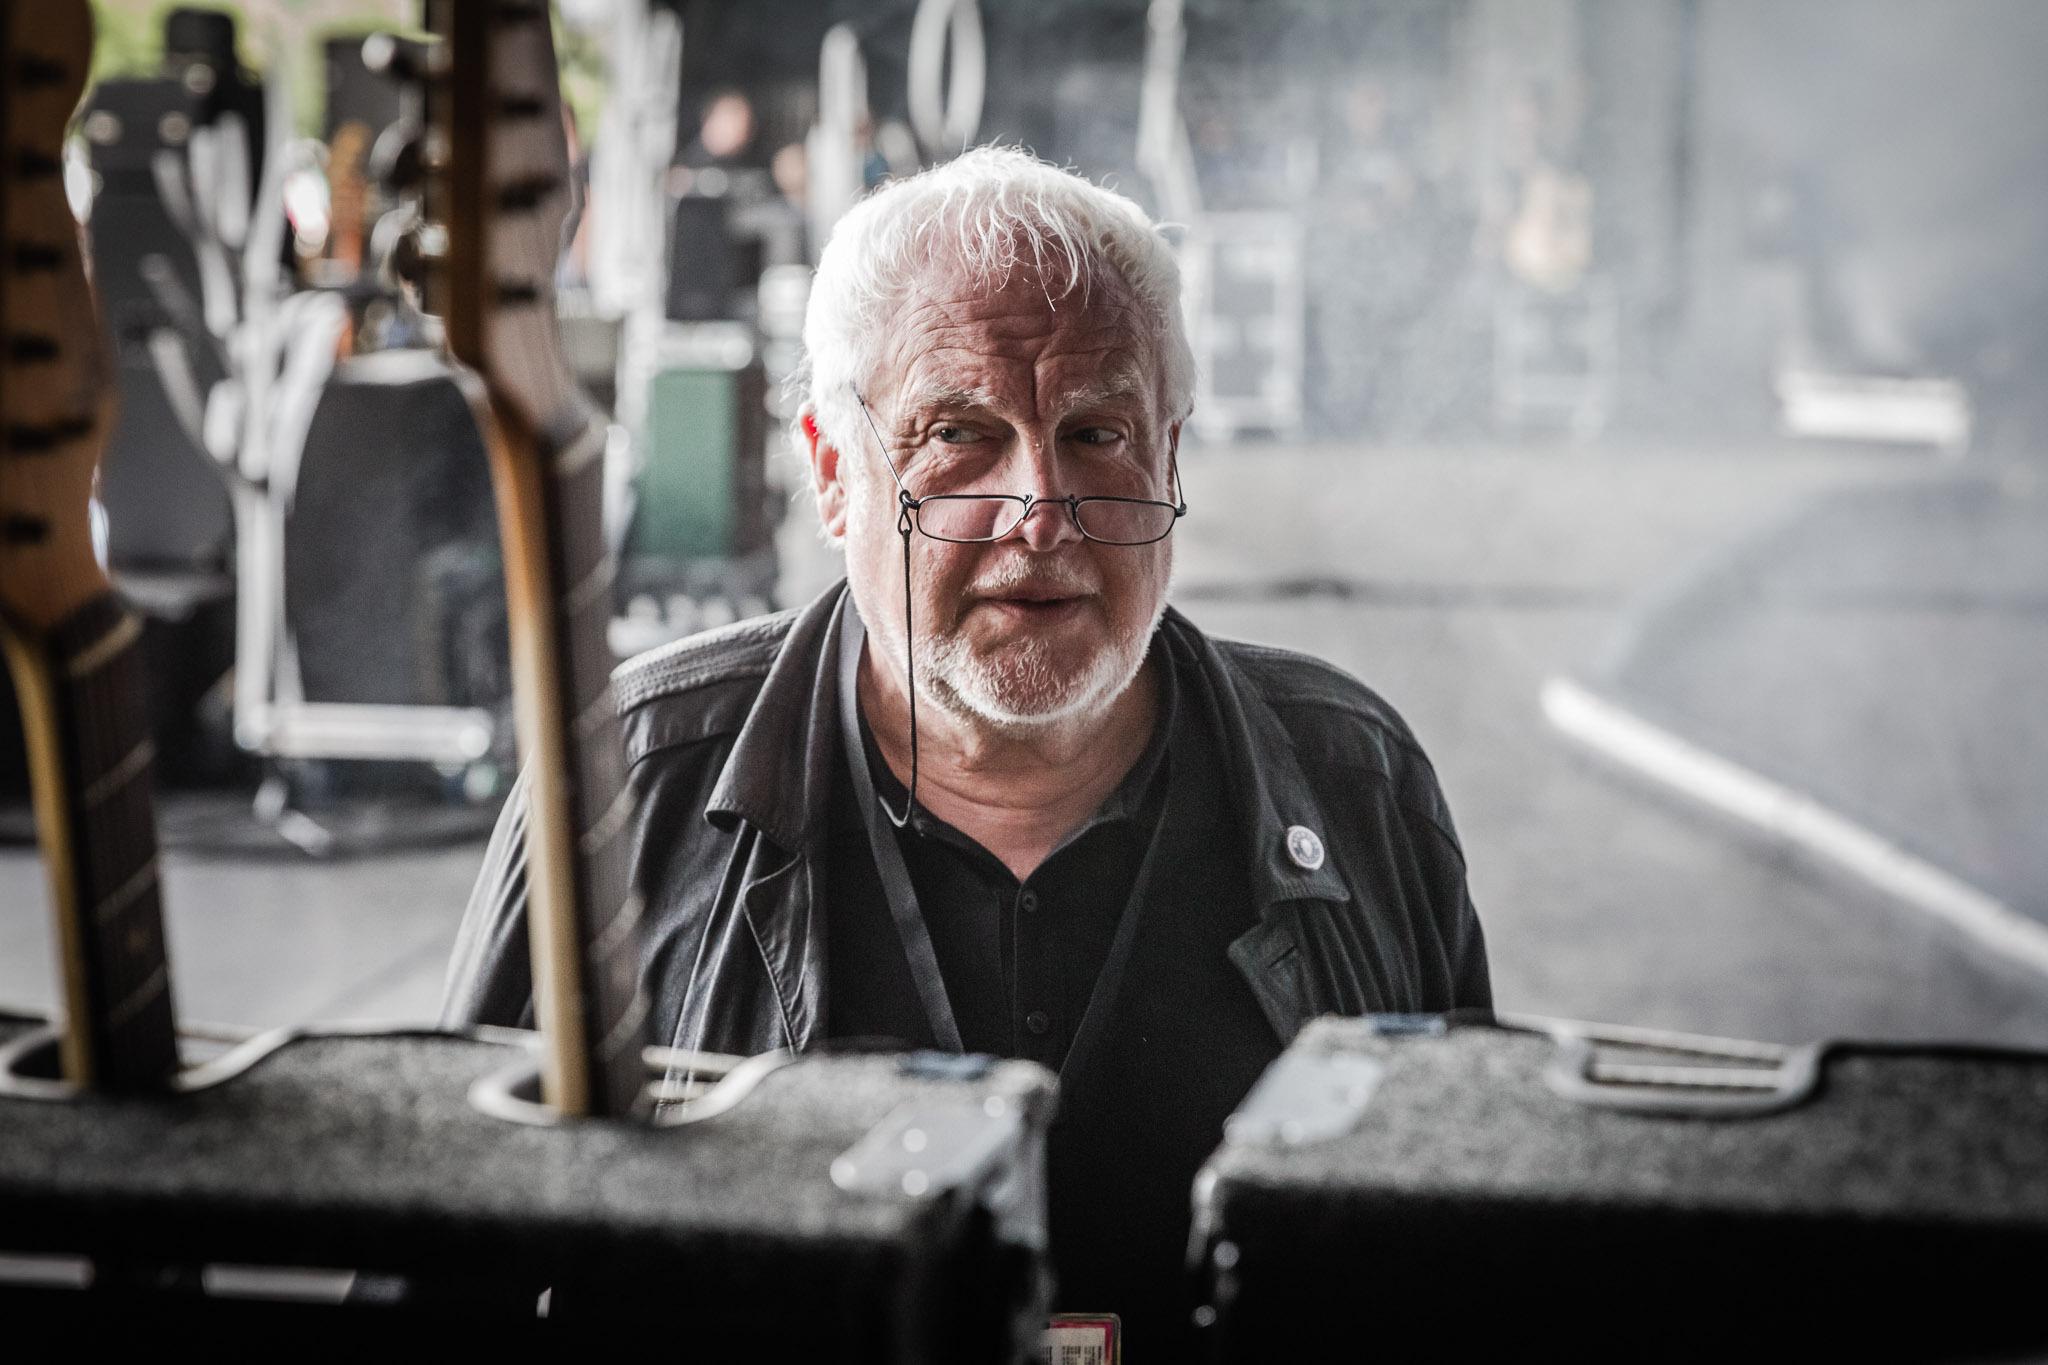 2017 Jan Smeets Pinkpop photo Ben Houdijk hr 7131